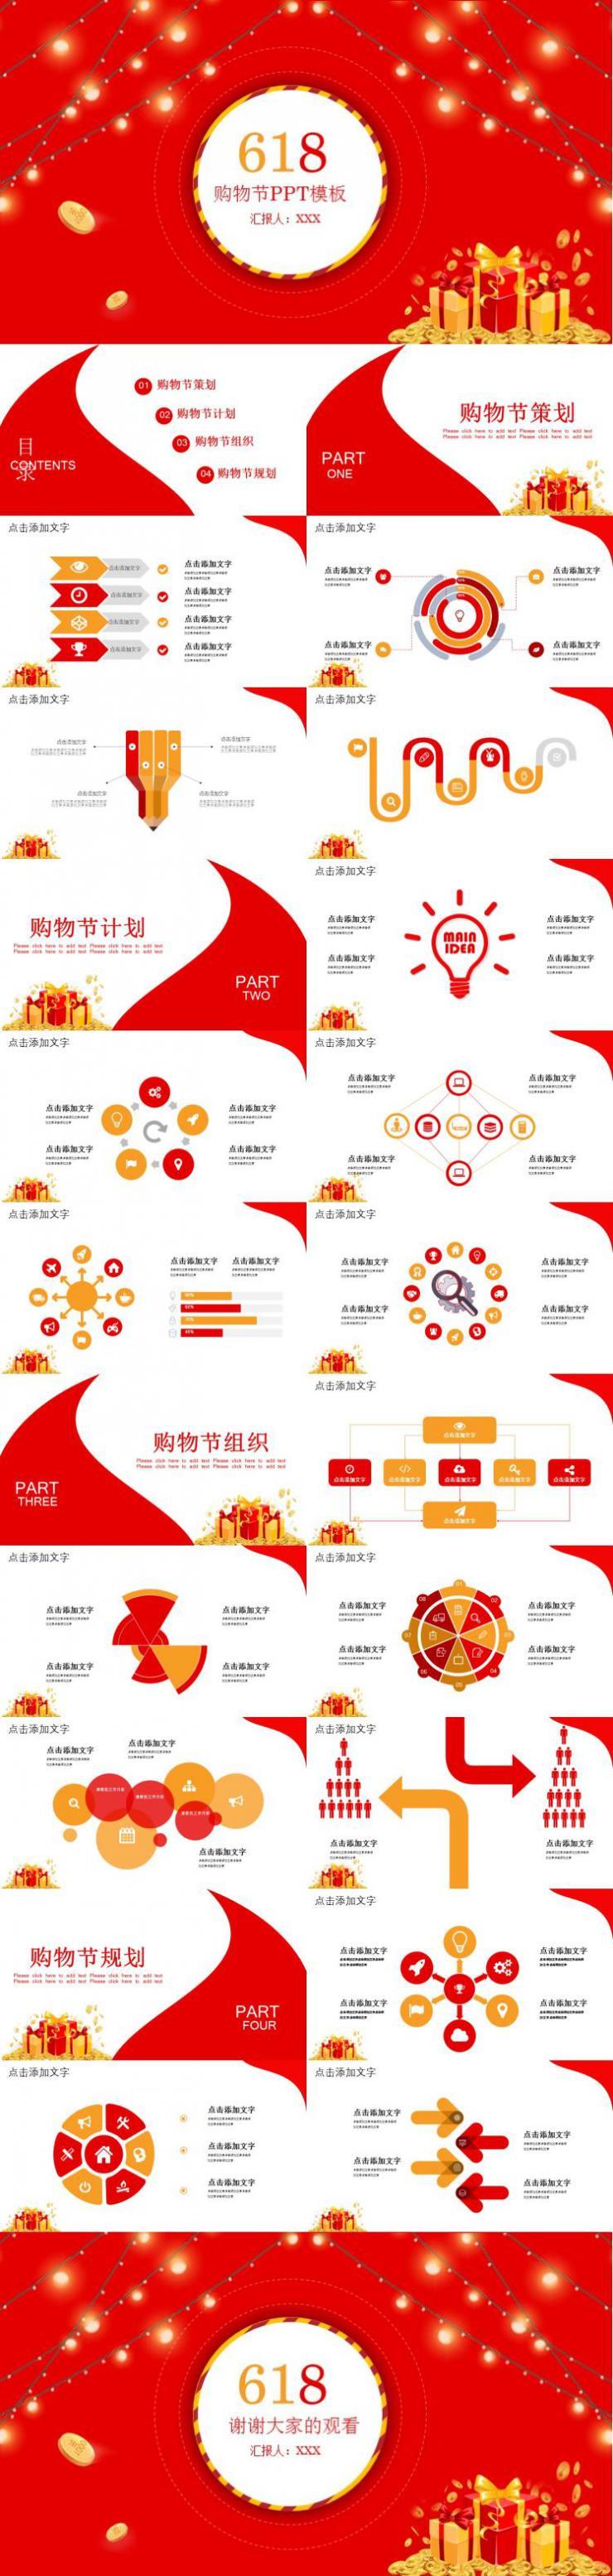 红色简约618购物节策划PPT模板